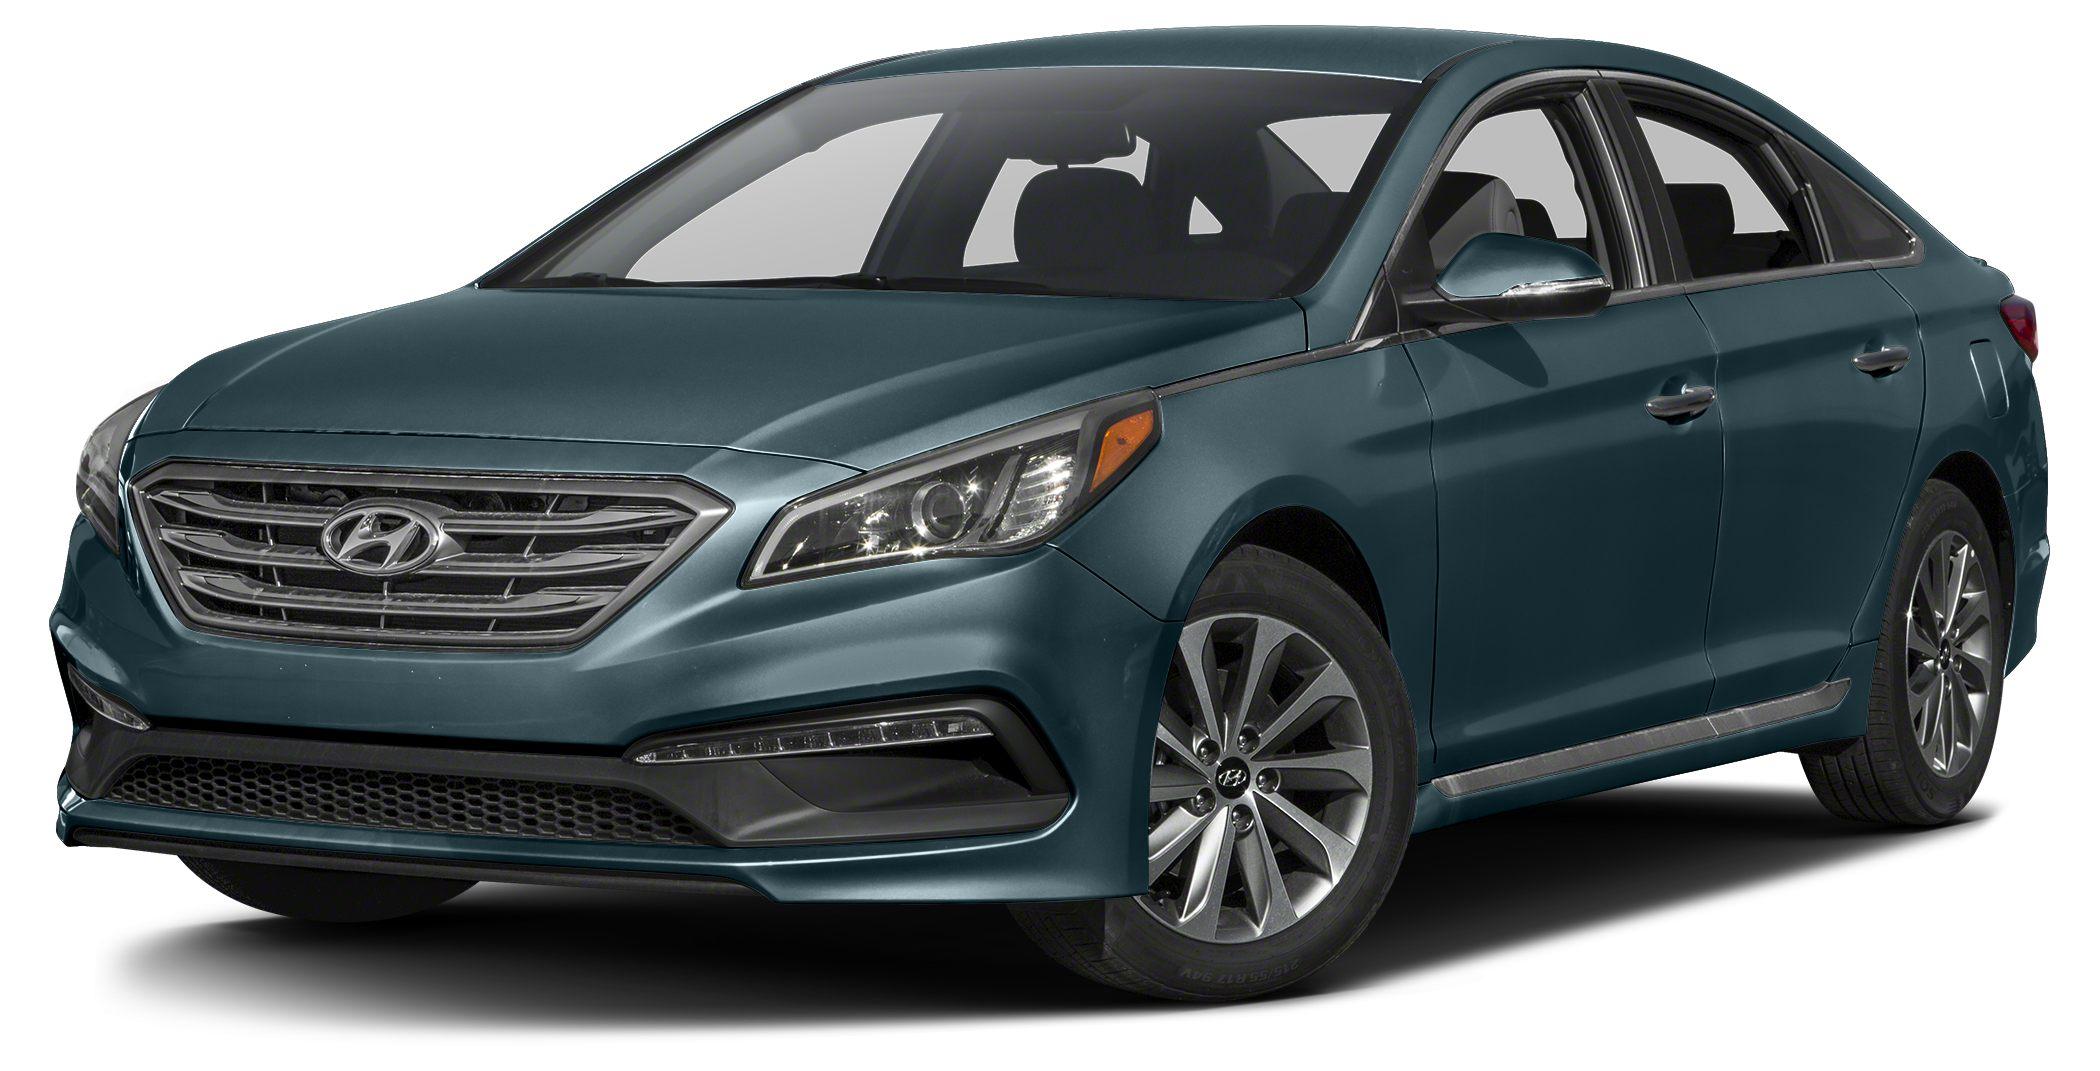 2017 Hyundai Sonata Sport Bluetooth Miles 10Color Nouveau Blue Stock 15344 VIN 5NPE34AF6HH5